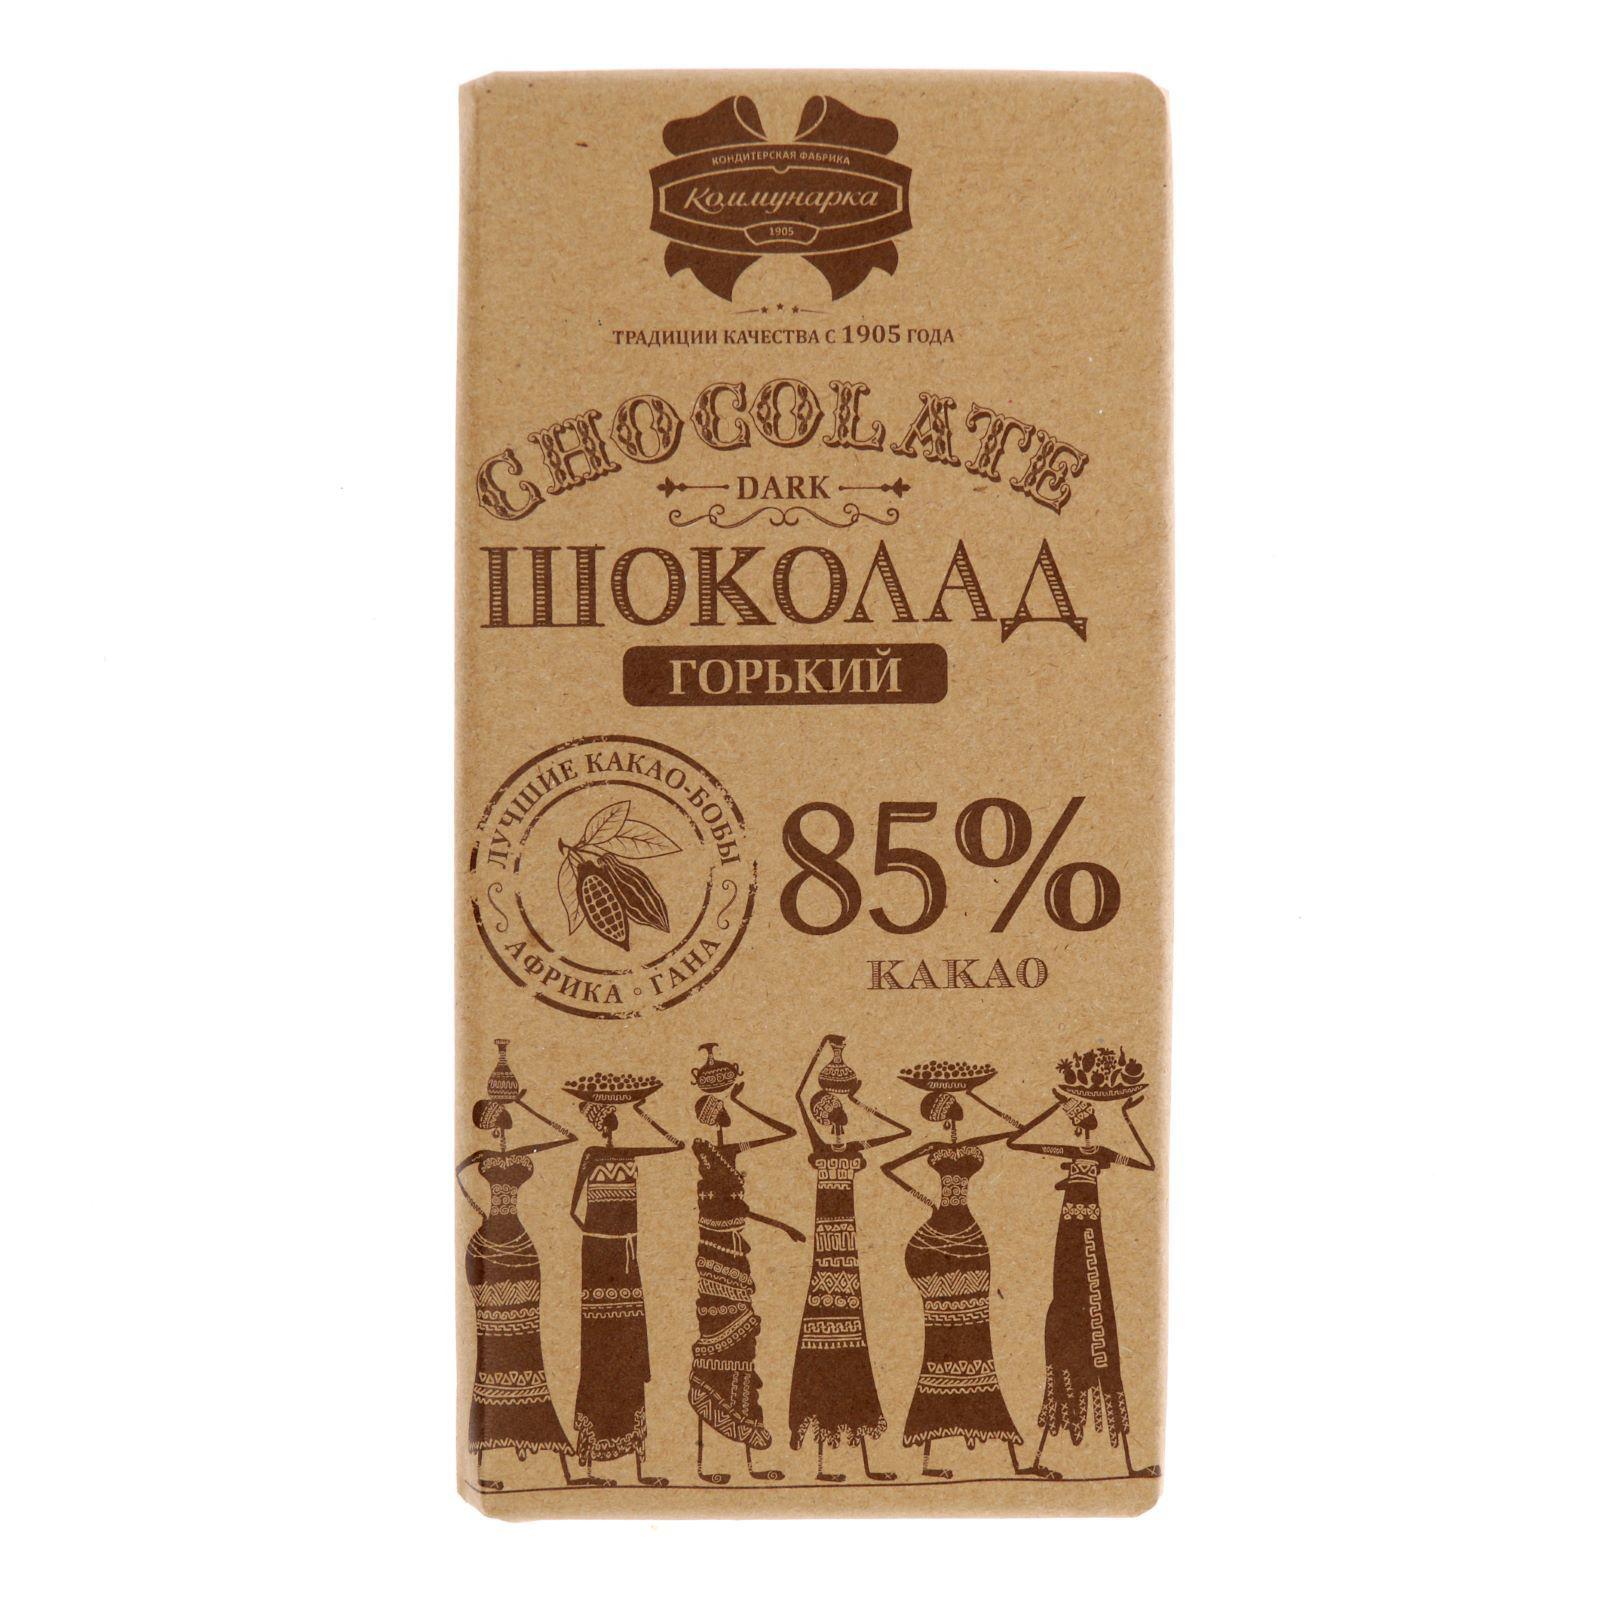 """Dark Bitter Chocolate 85% Cocoa """"Kommunakra"""" 90g"""